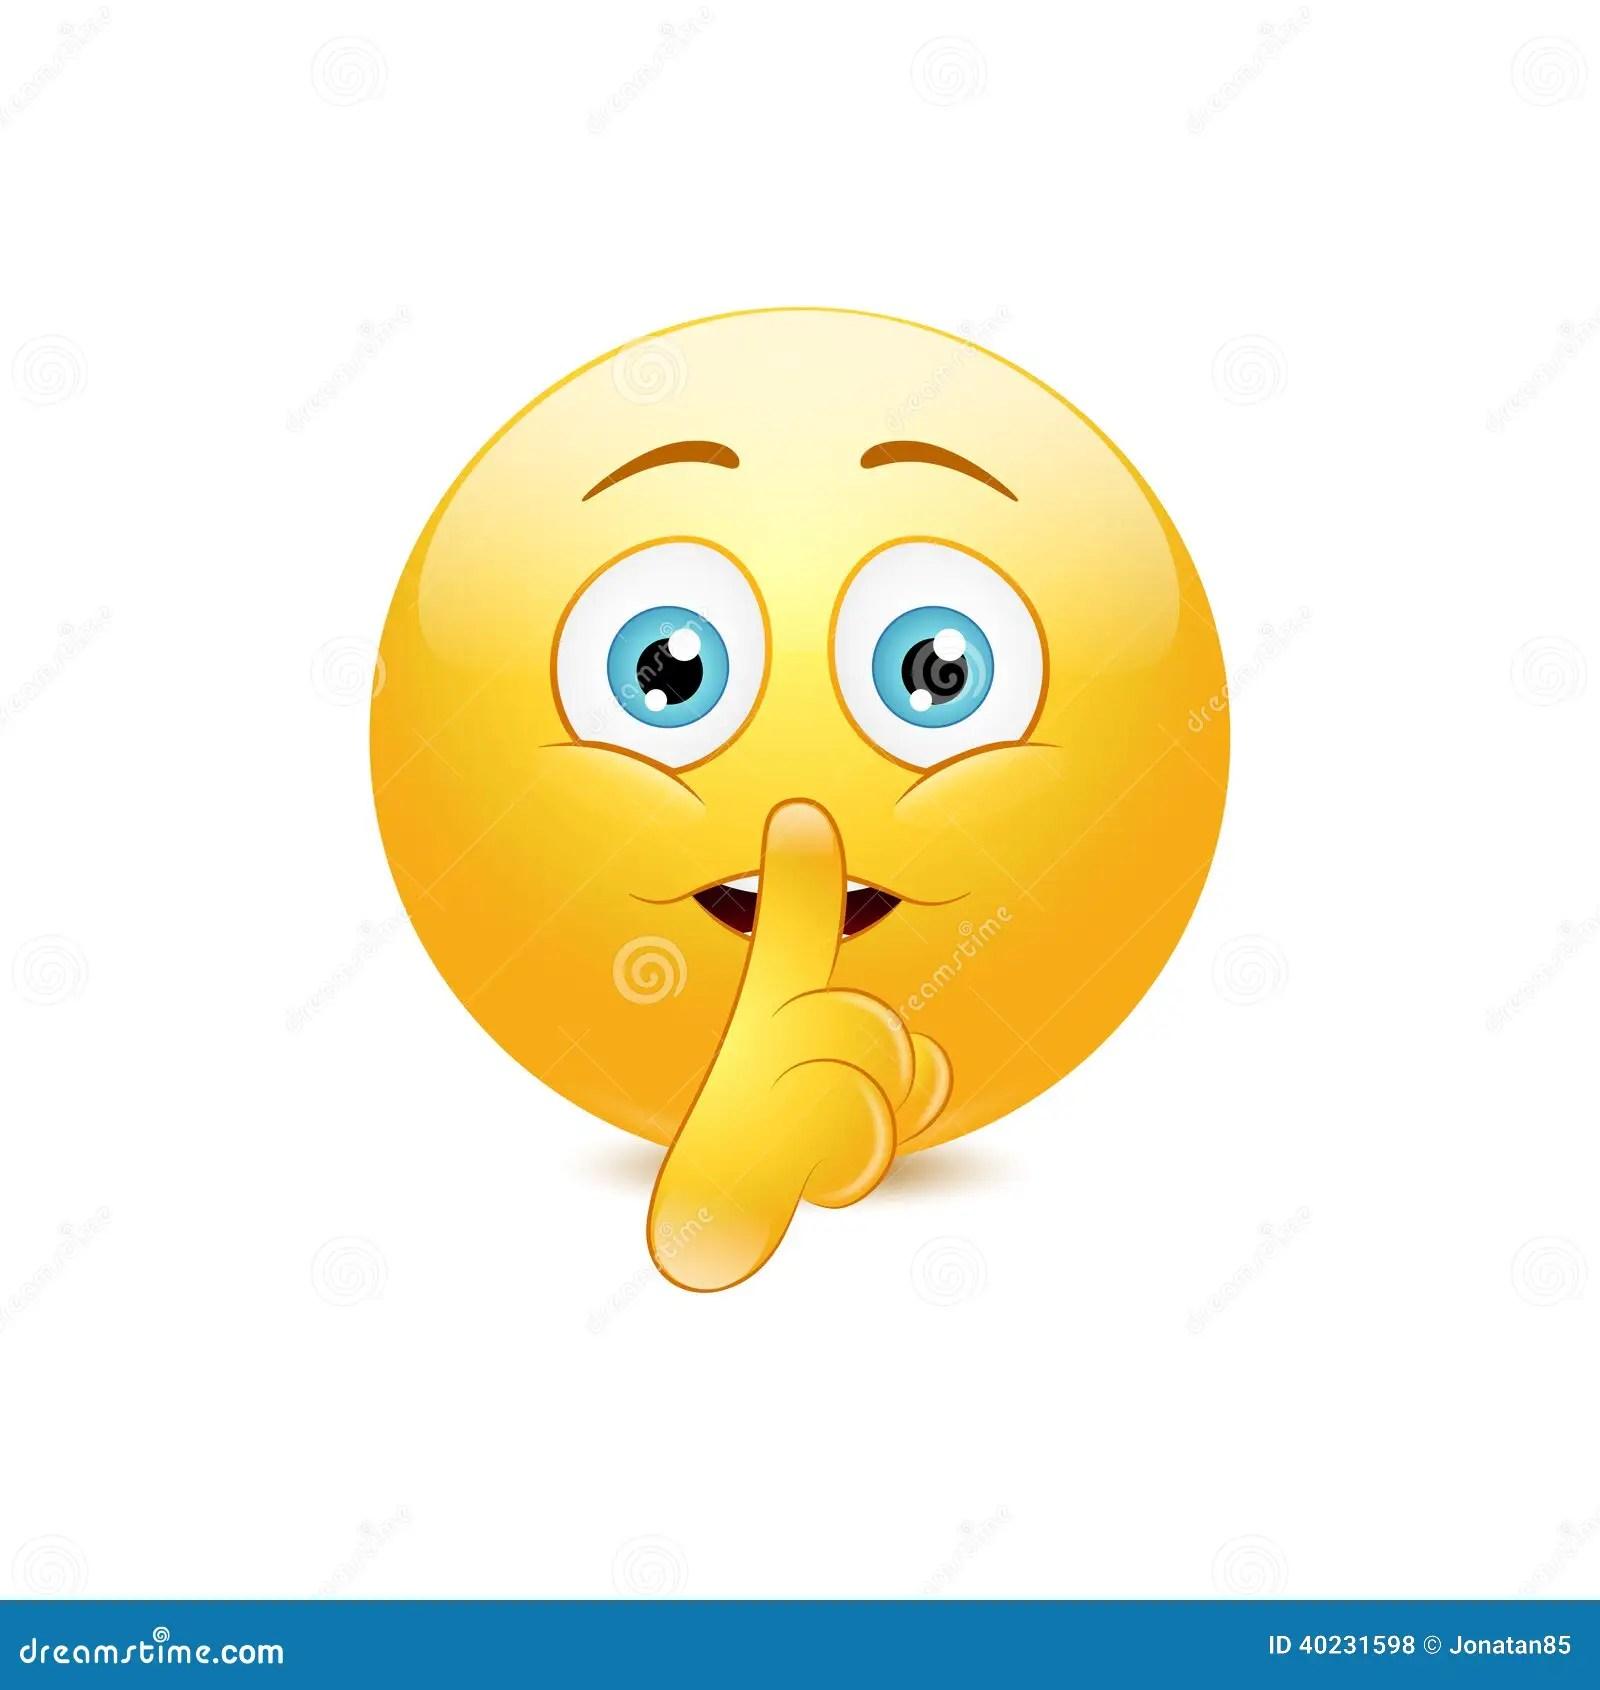 Emoticons Cute Wallpaper Hush Emoticon Stock Vector Illustration Of Illustration